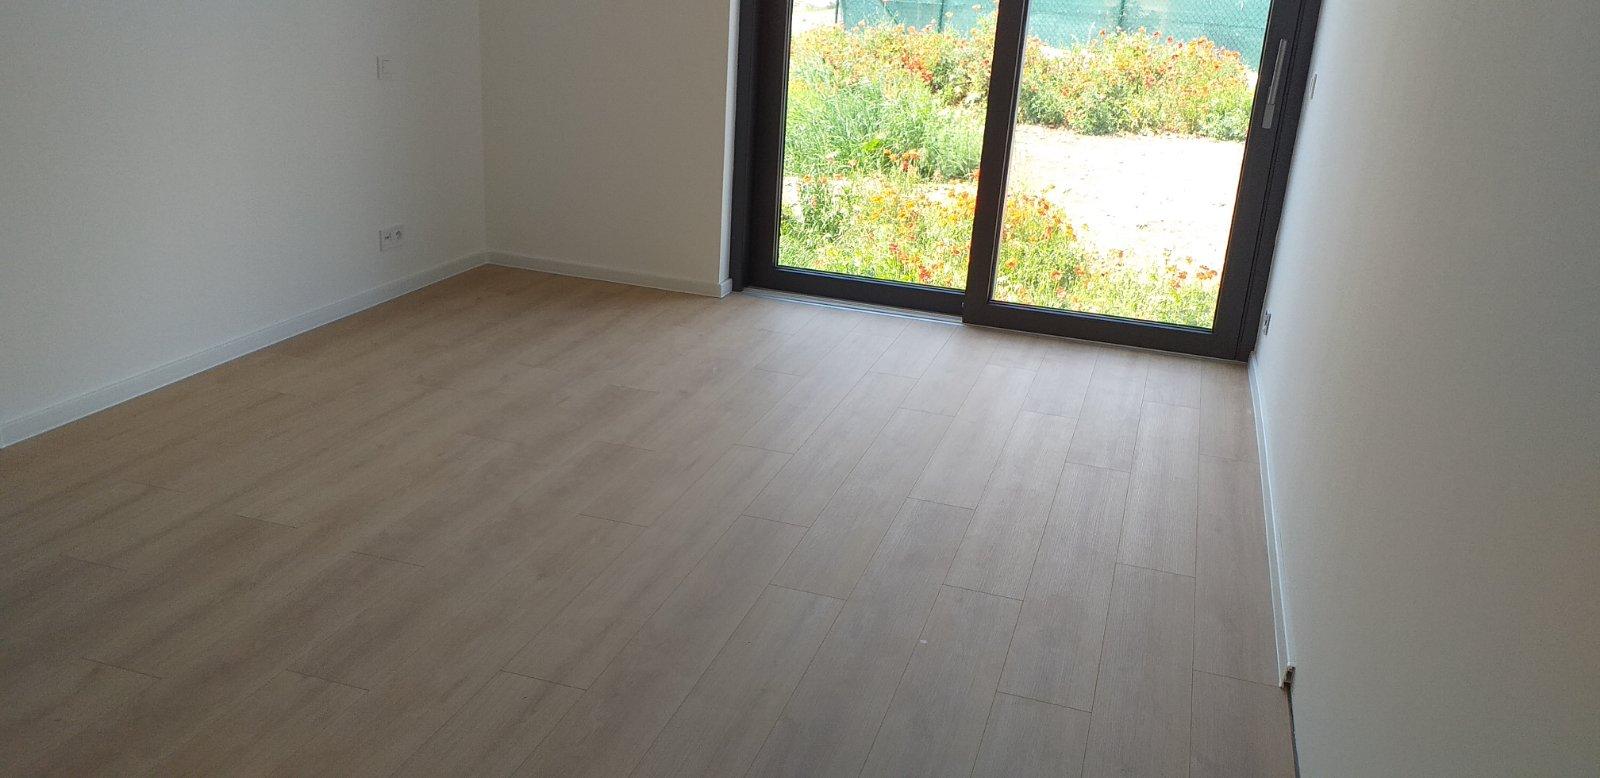 Laminátová podlaha - Obrázok č. 6